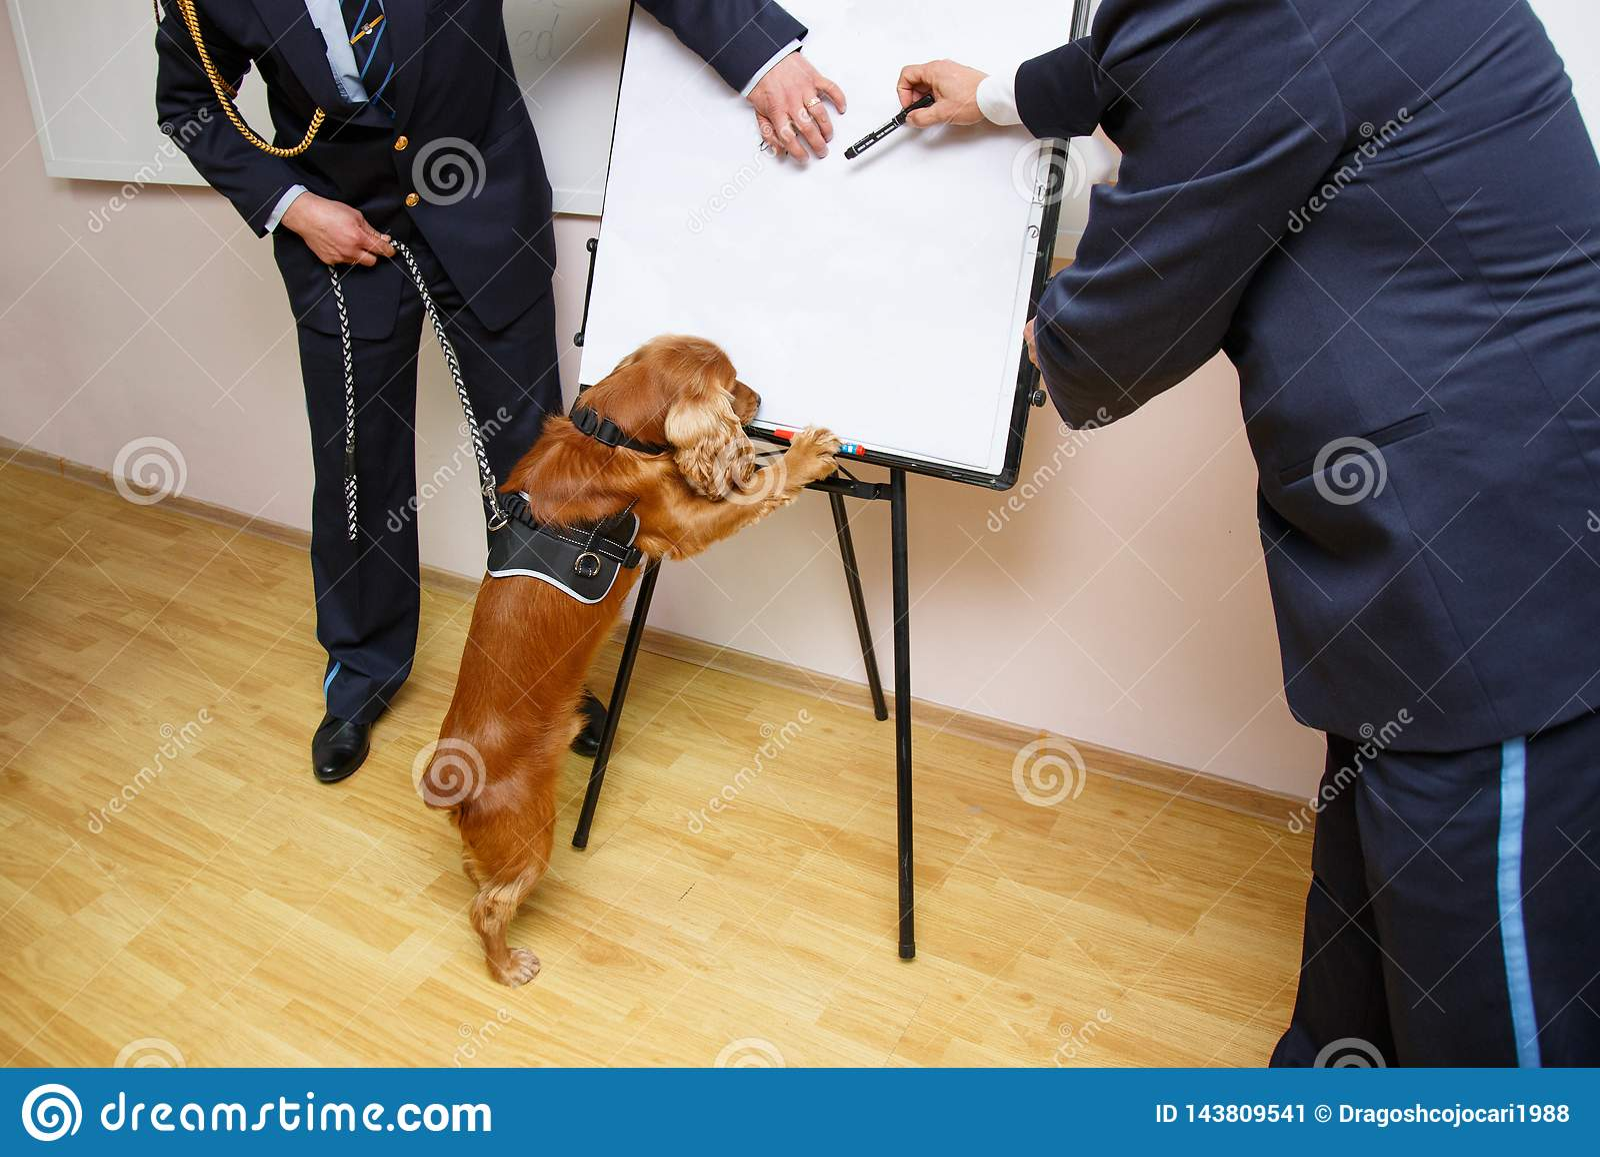 Un chien de cocker pour la détection de drogue posé dans le bureau de douane avec des pattes sur la table, près du fonctionnaire